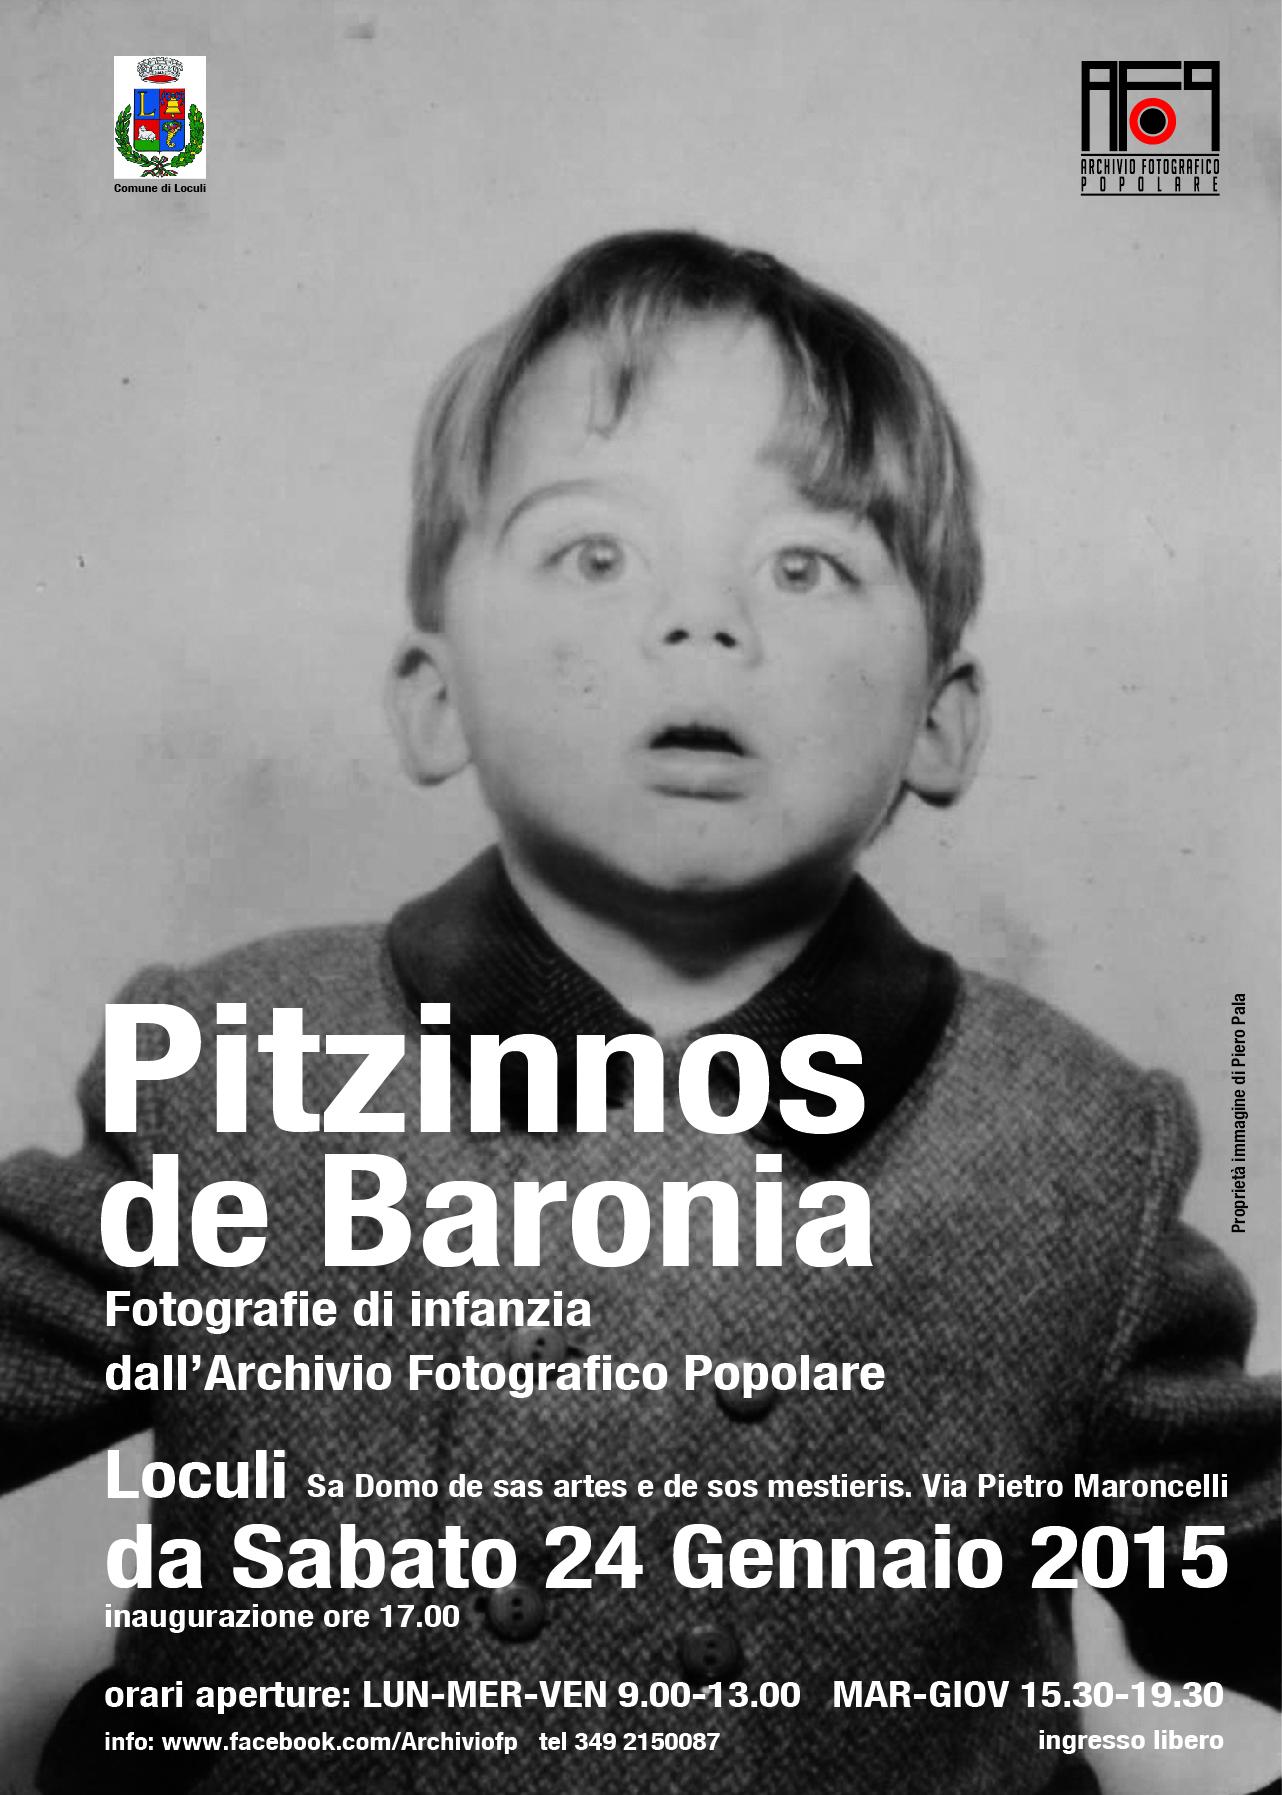 Pitzinnos de Baronia